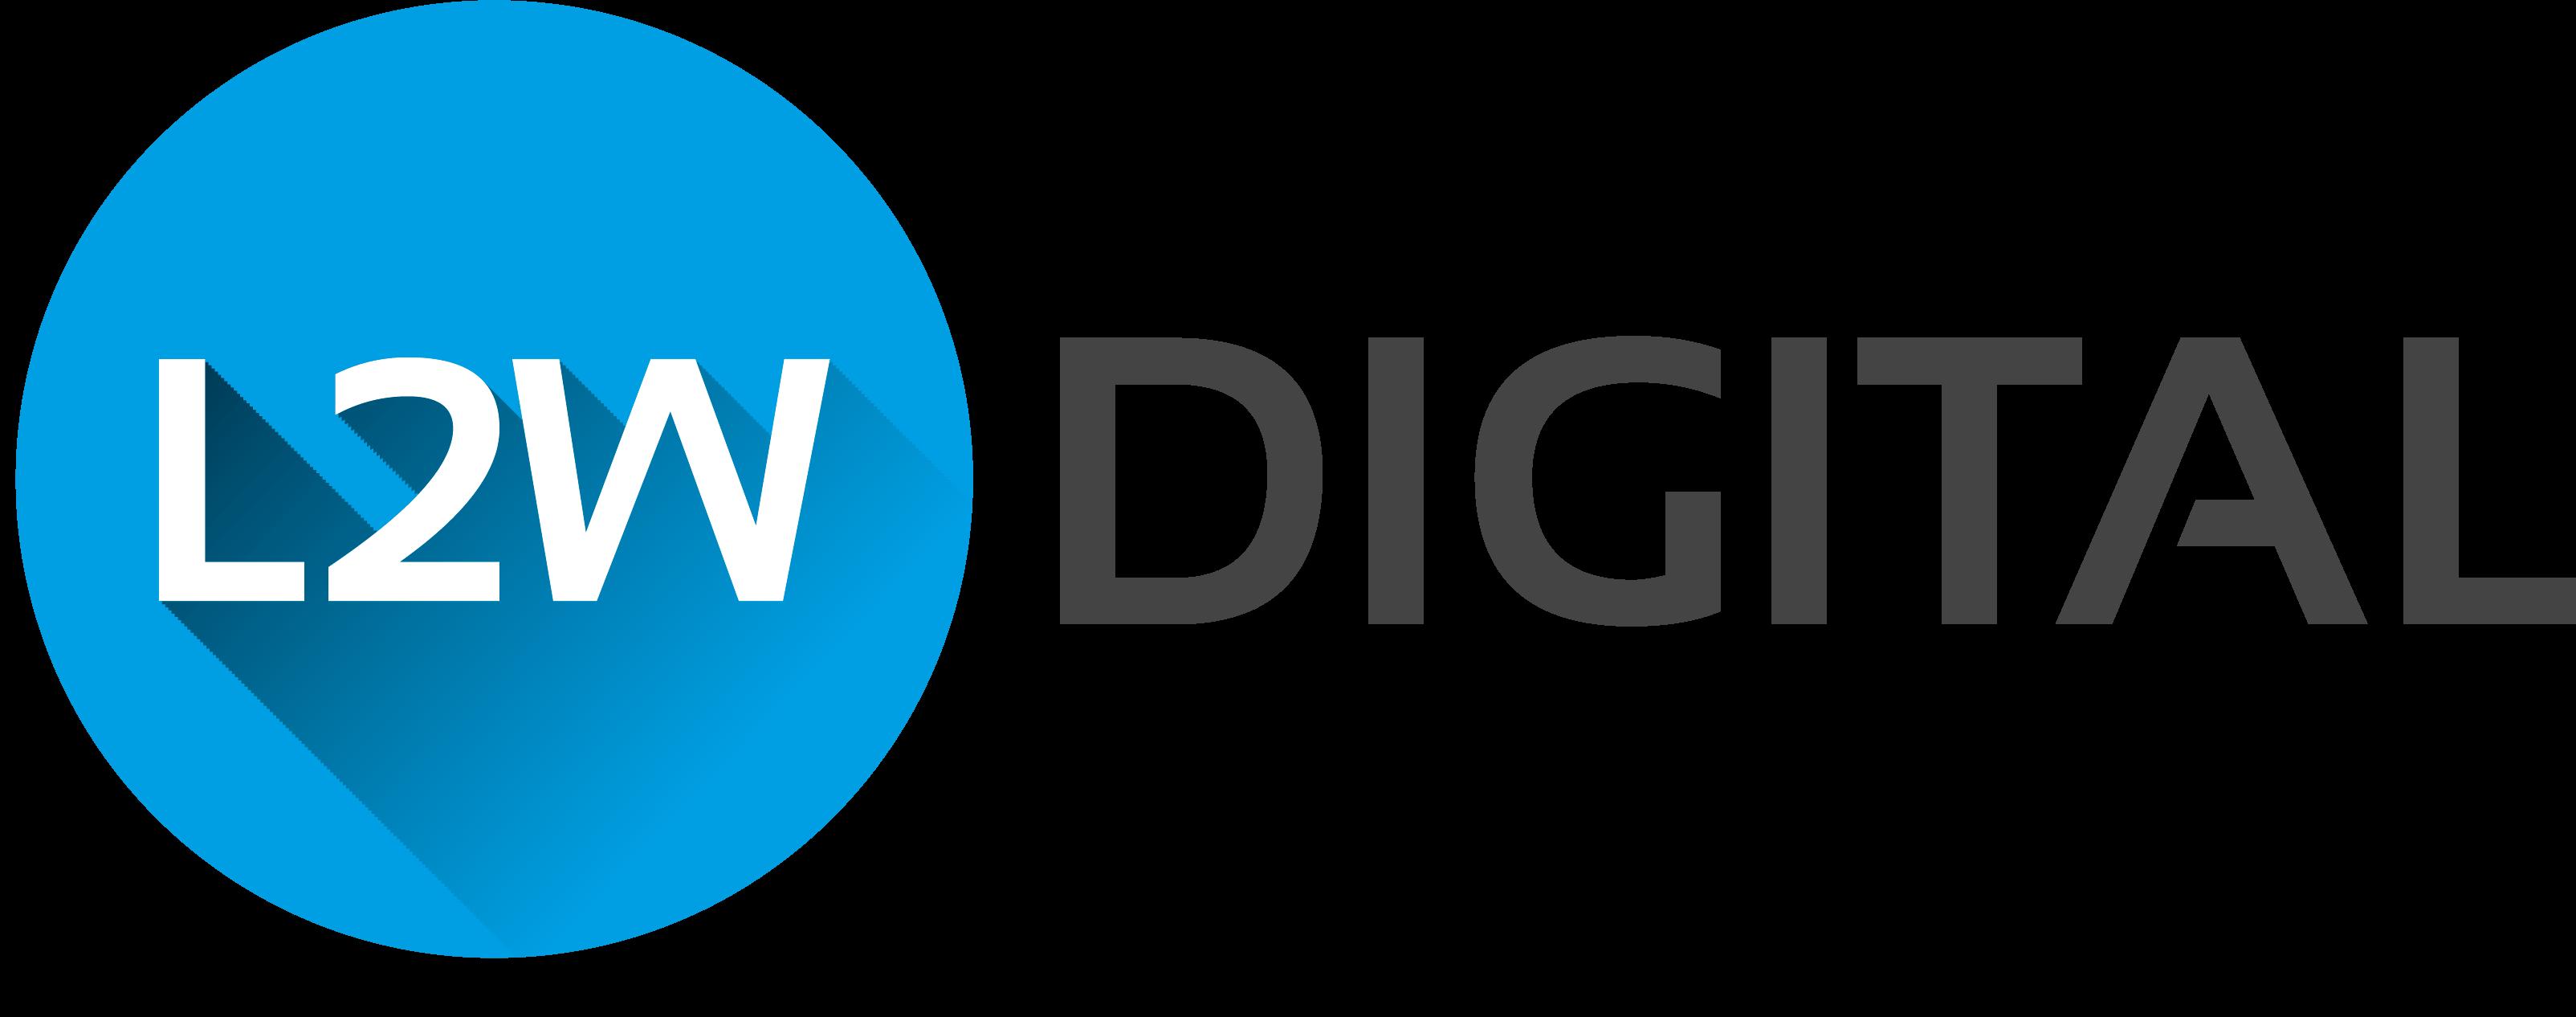 L2W Digital